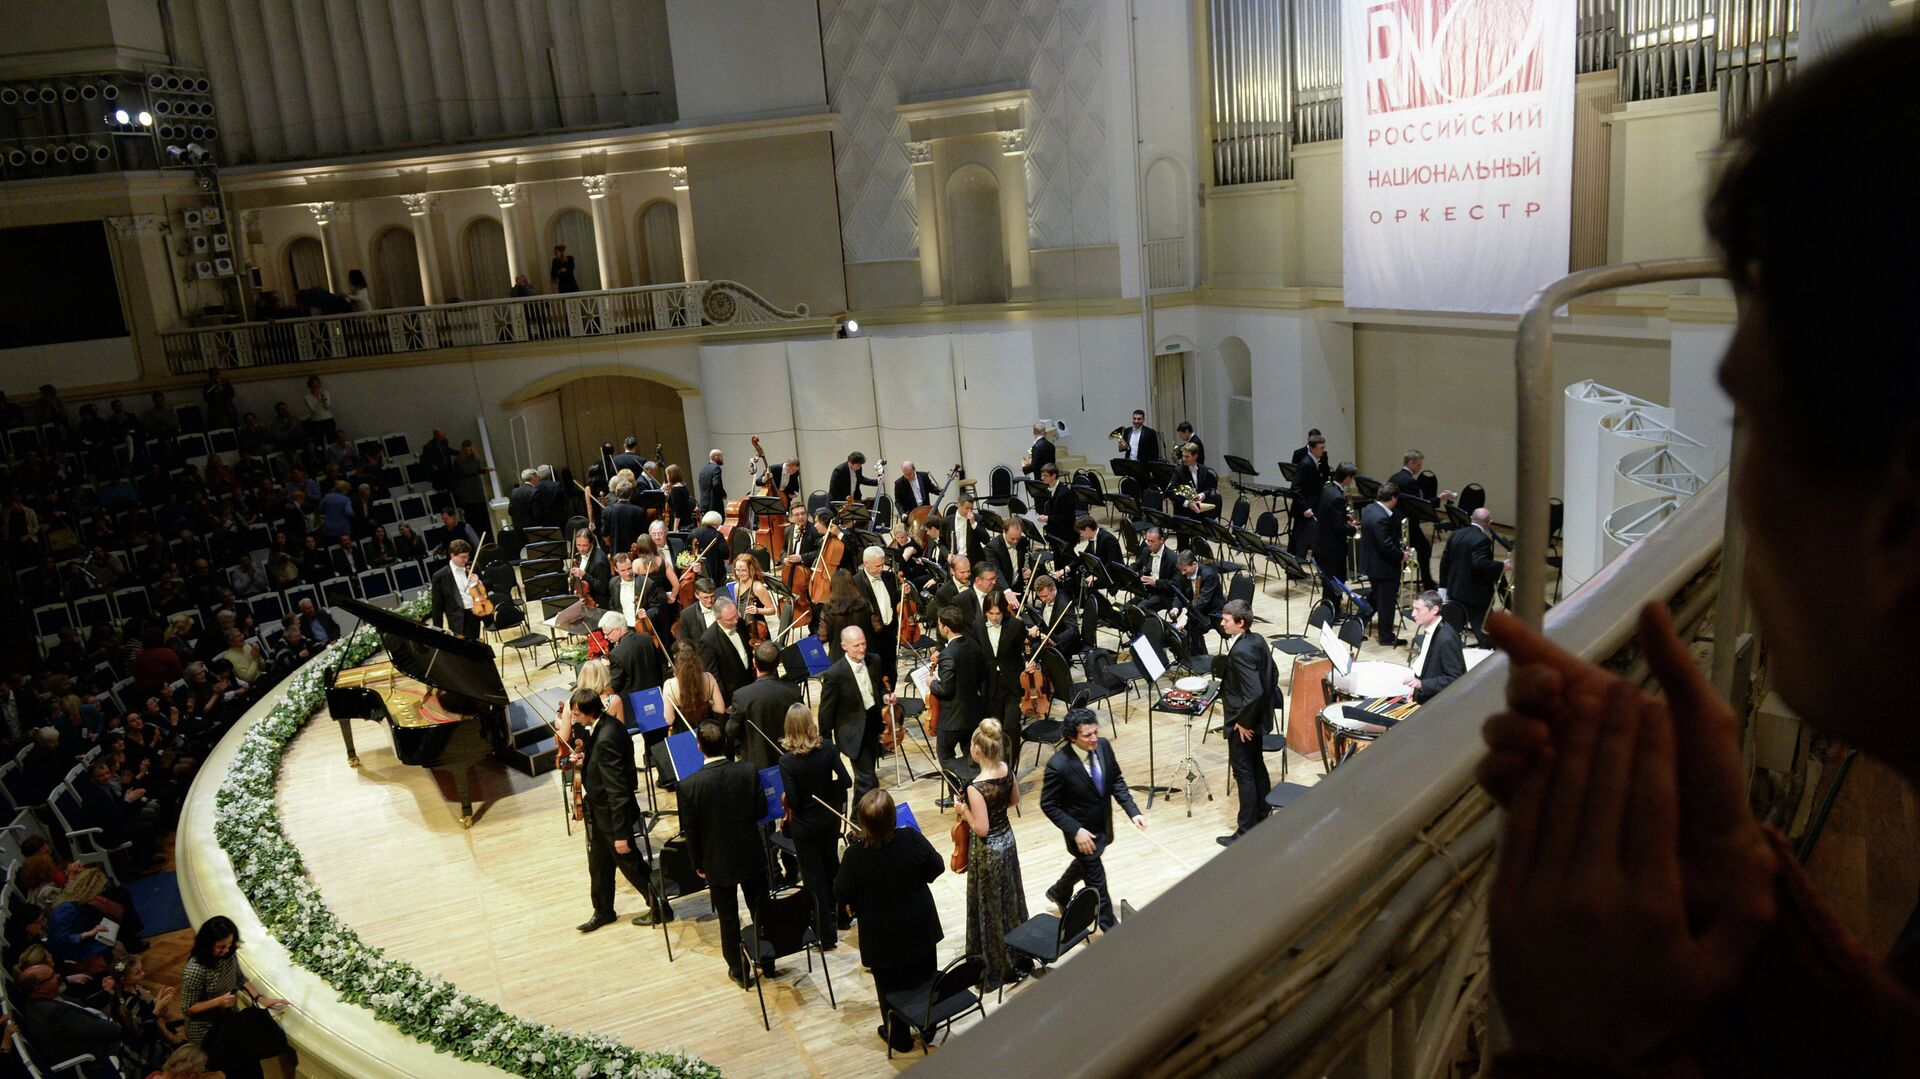 Во время концерта в рамках Большого фестиваля РНО - РИА Новости, 1920, 07.09.2020